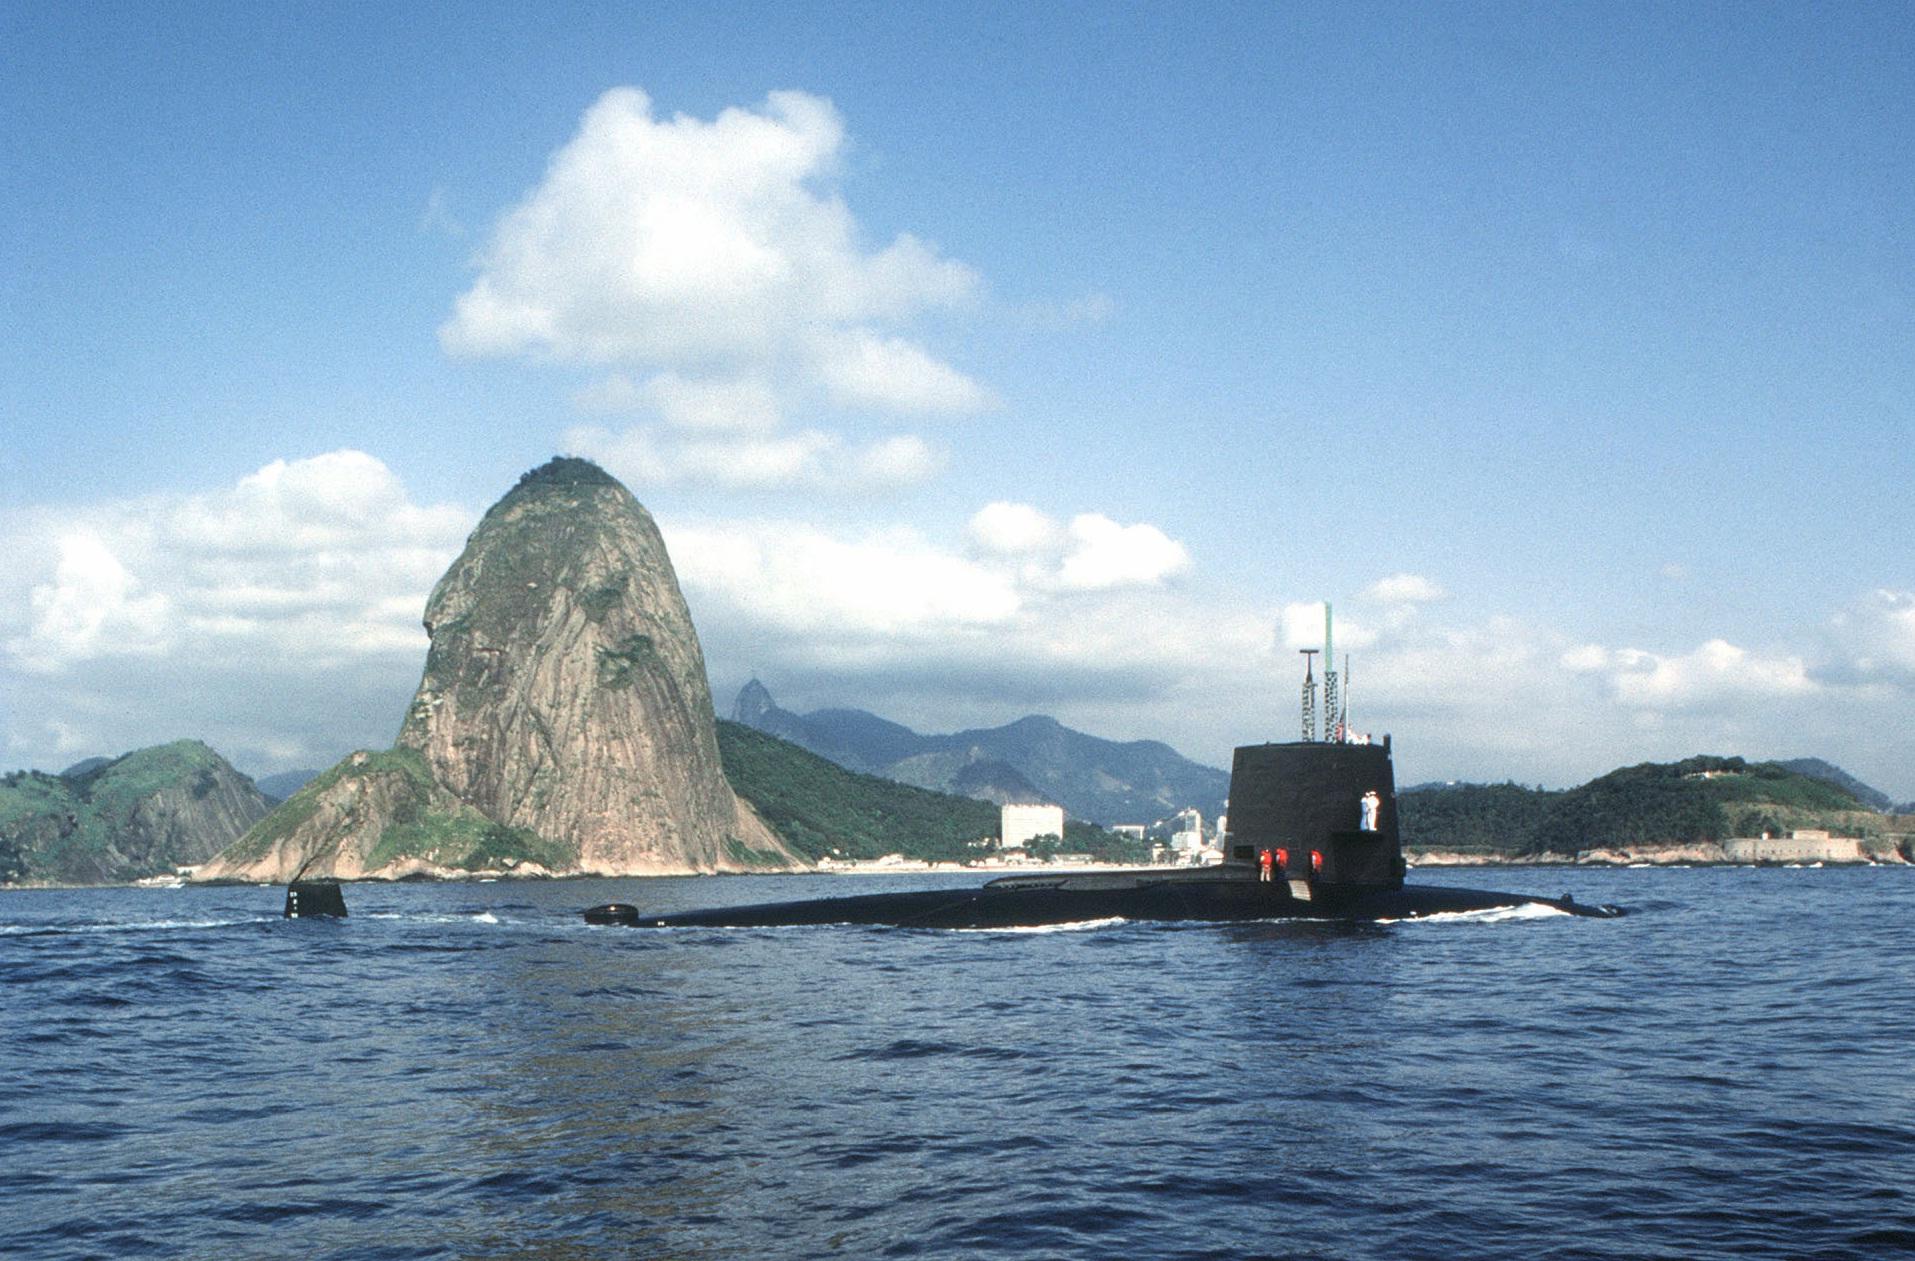 Submarino nuclear USS Snook visitando o Rio de Janeiro durante operação UNITAS